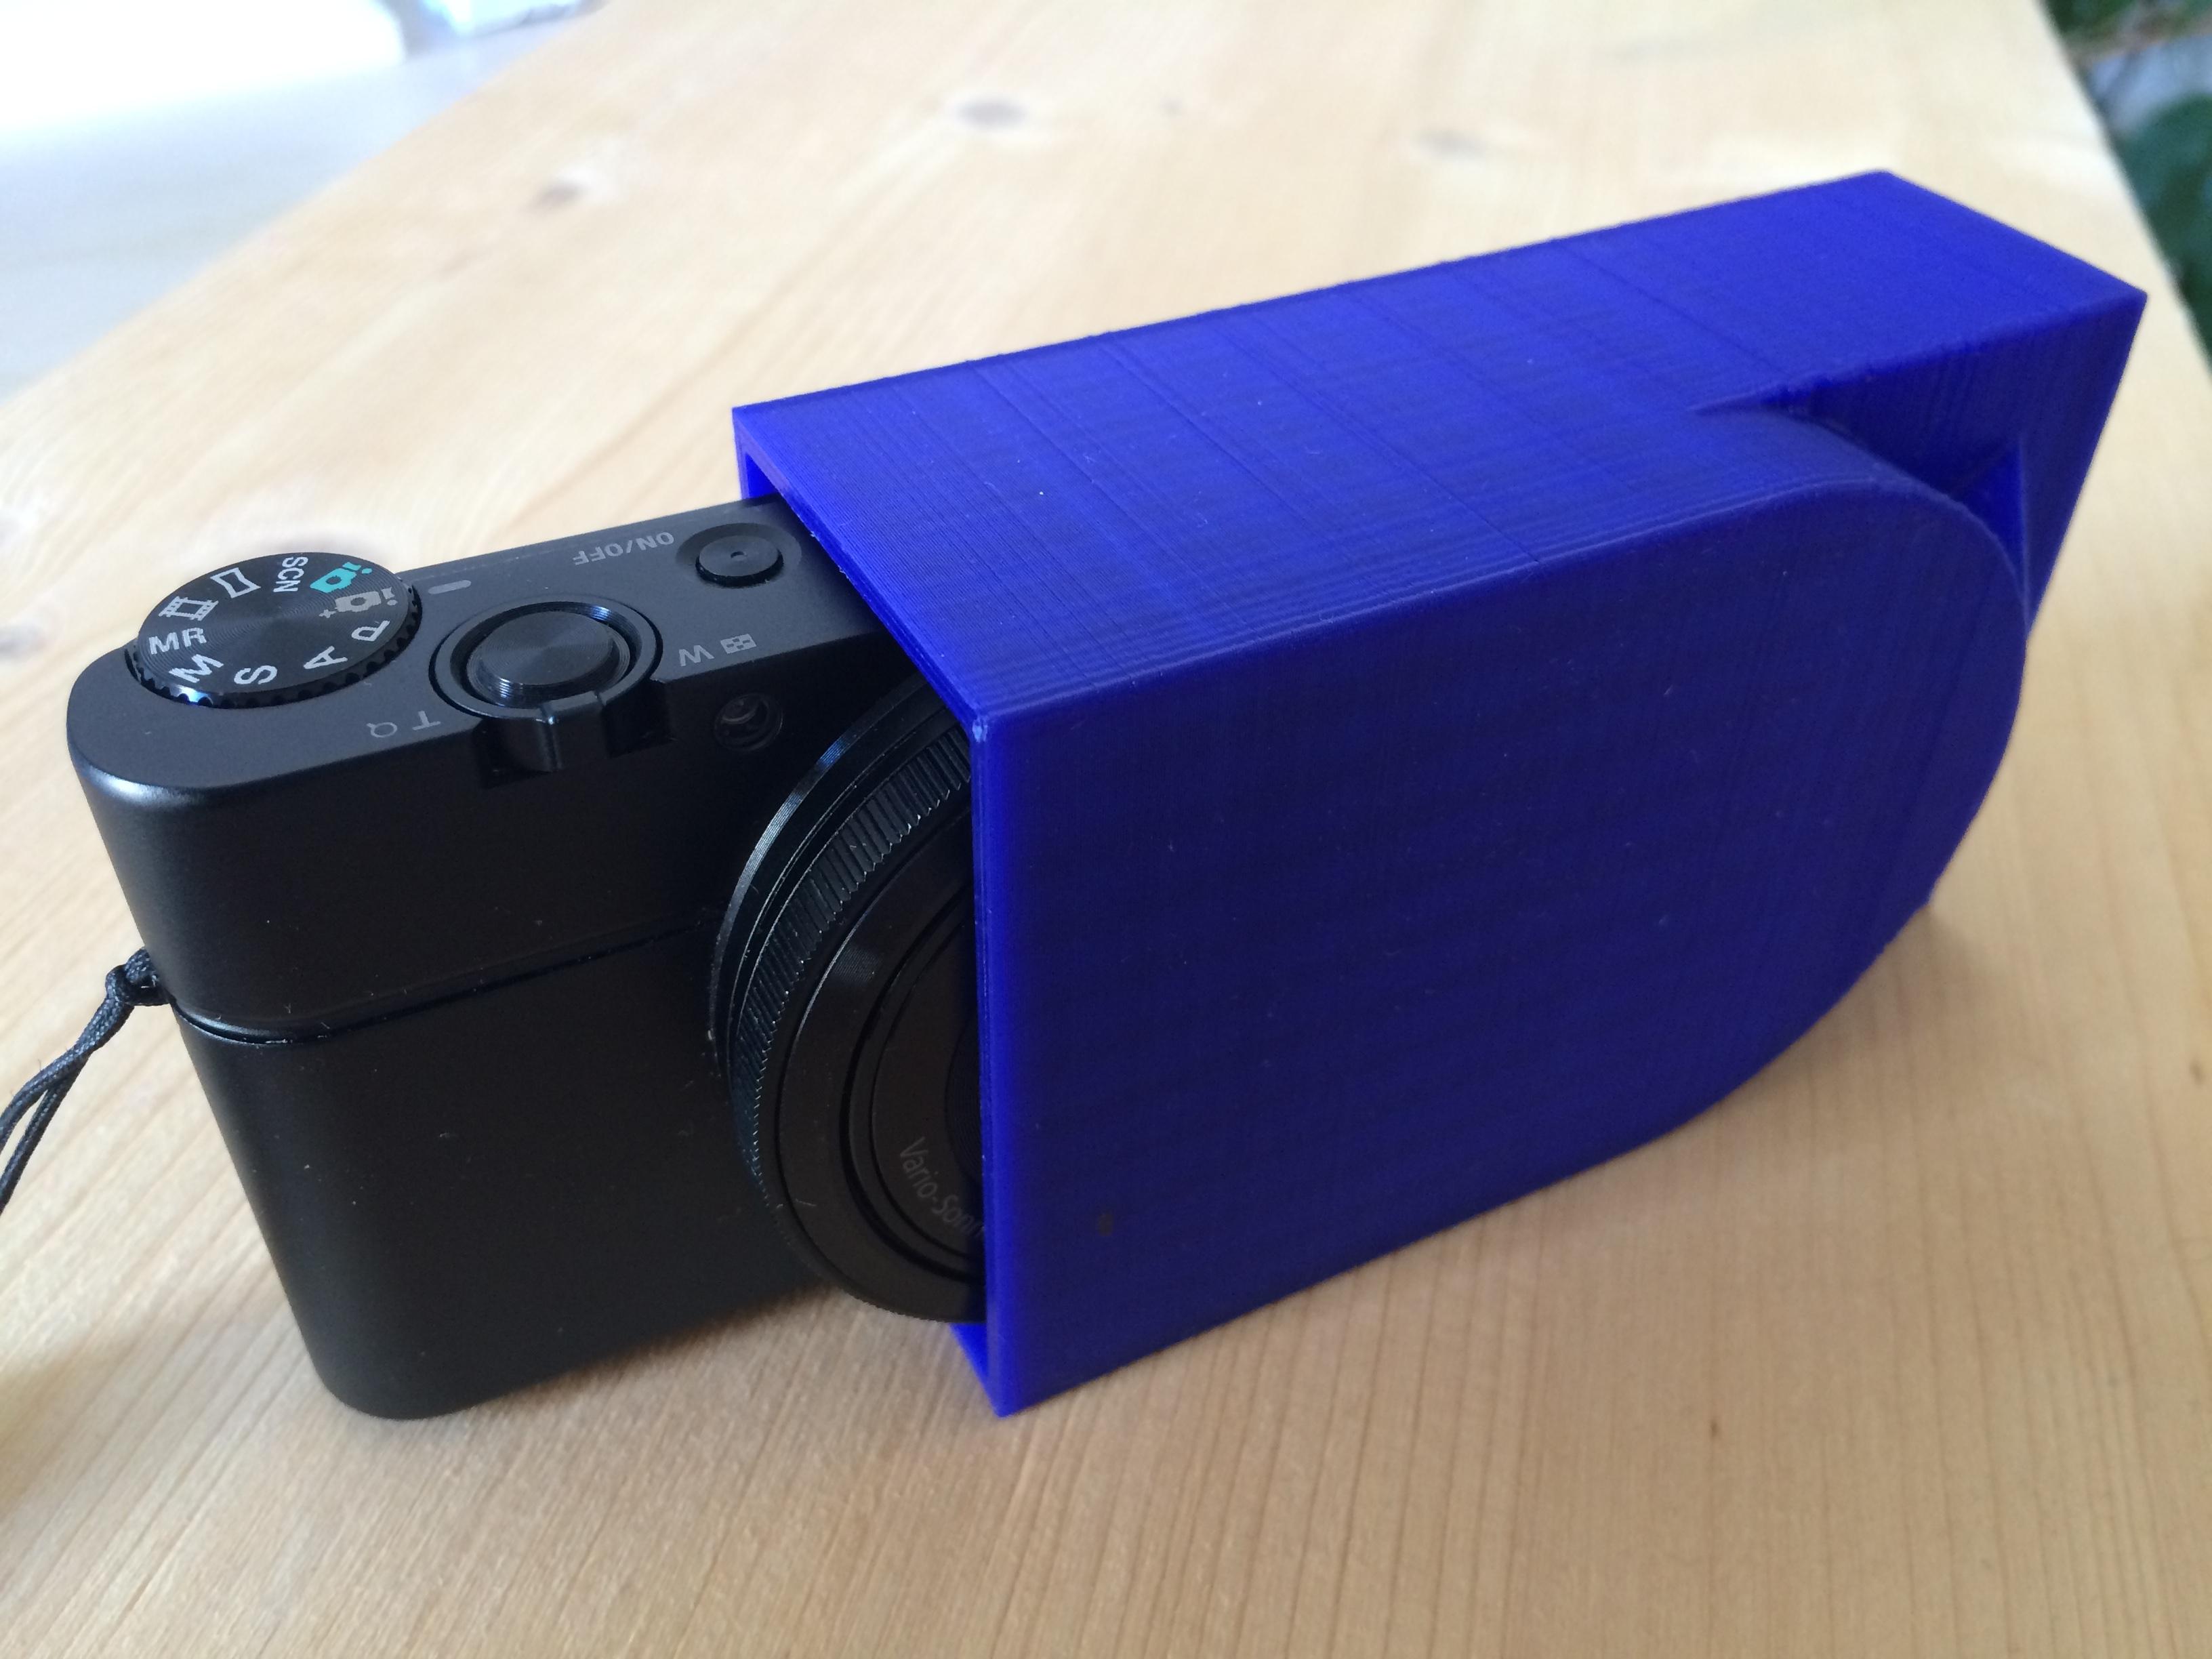 Sony RX100 mark I camera case with clip